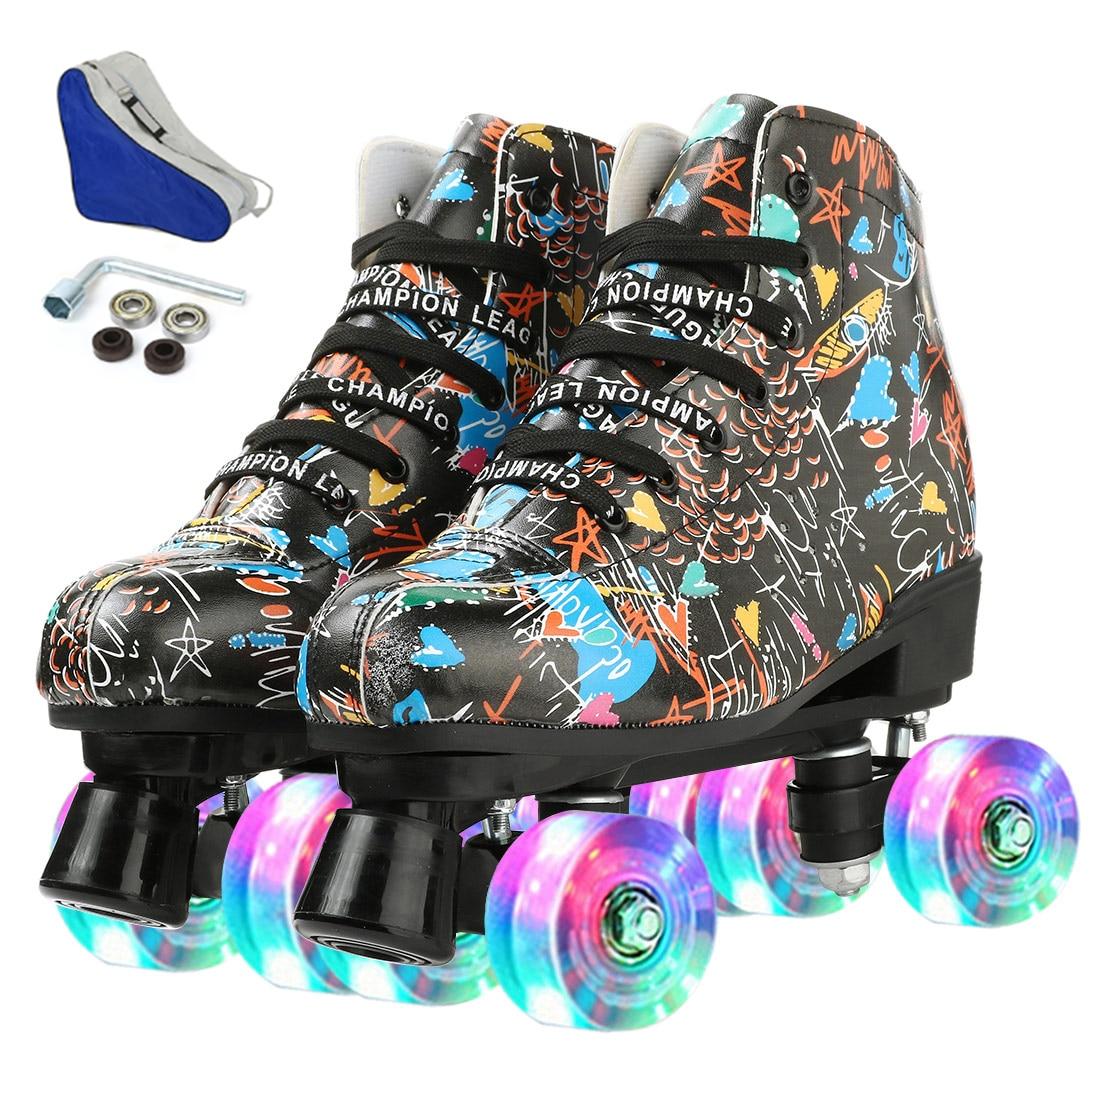 Женские кожаные роликовые коньки из микрофибры, обувь для катания на коньках, сдвижные четырехколесные кроссовки, 4 колеса для взрослых, ули...